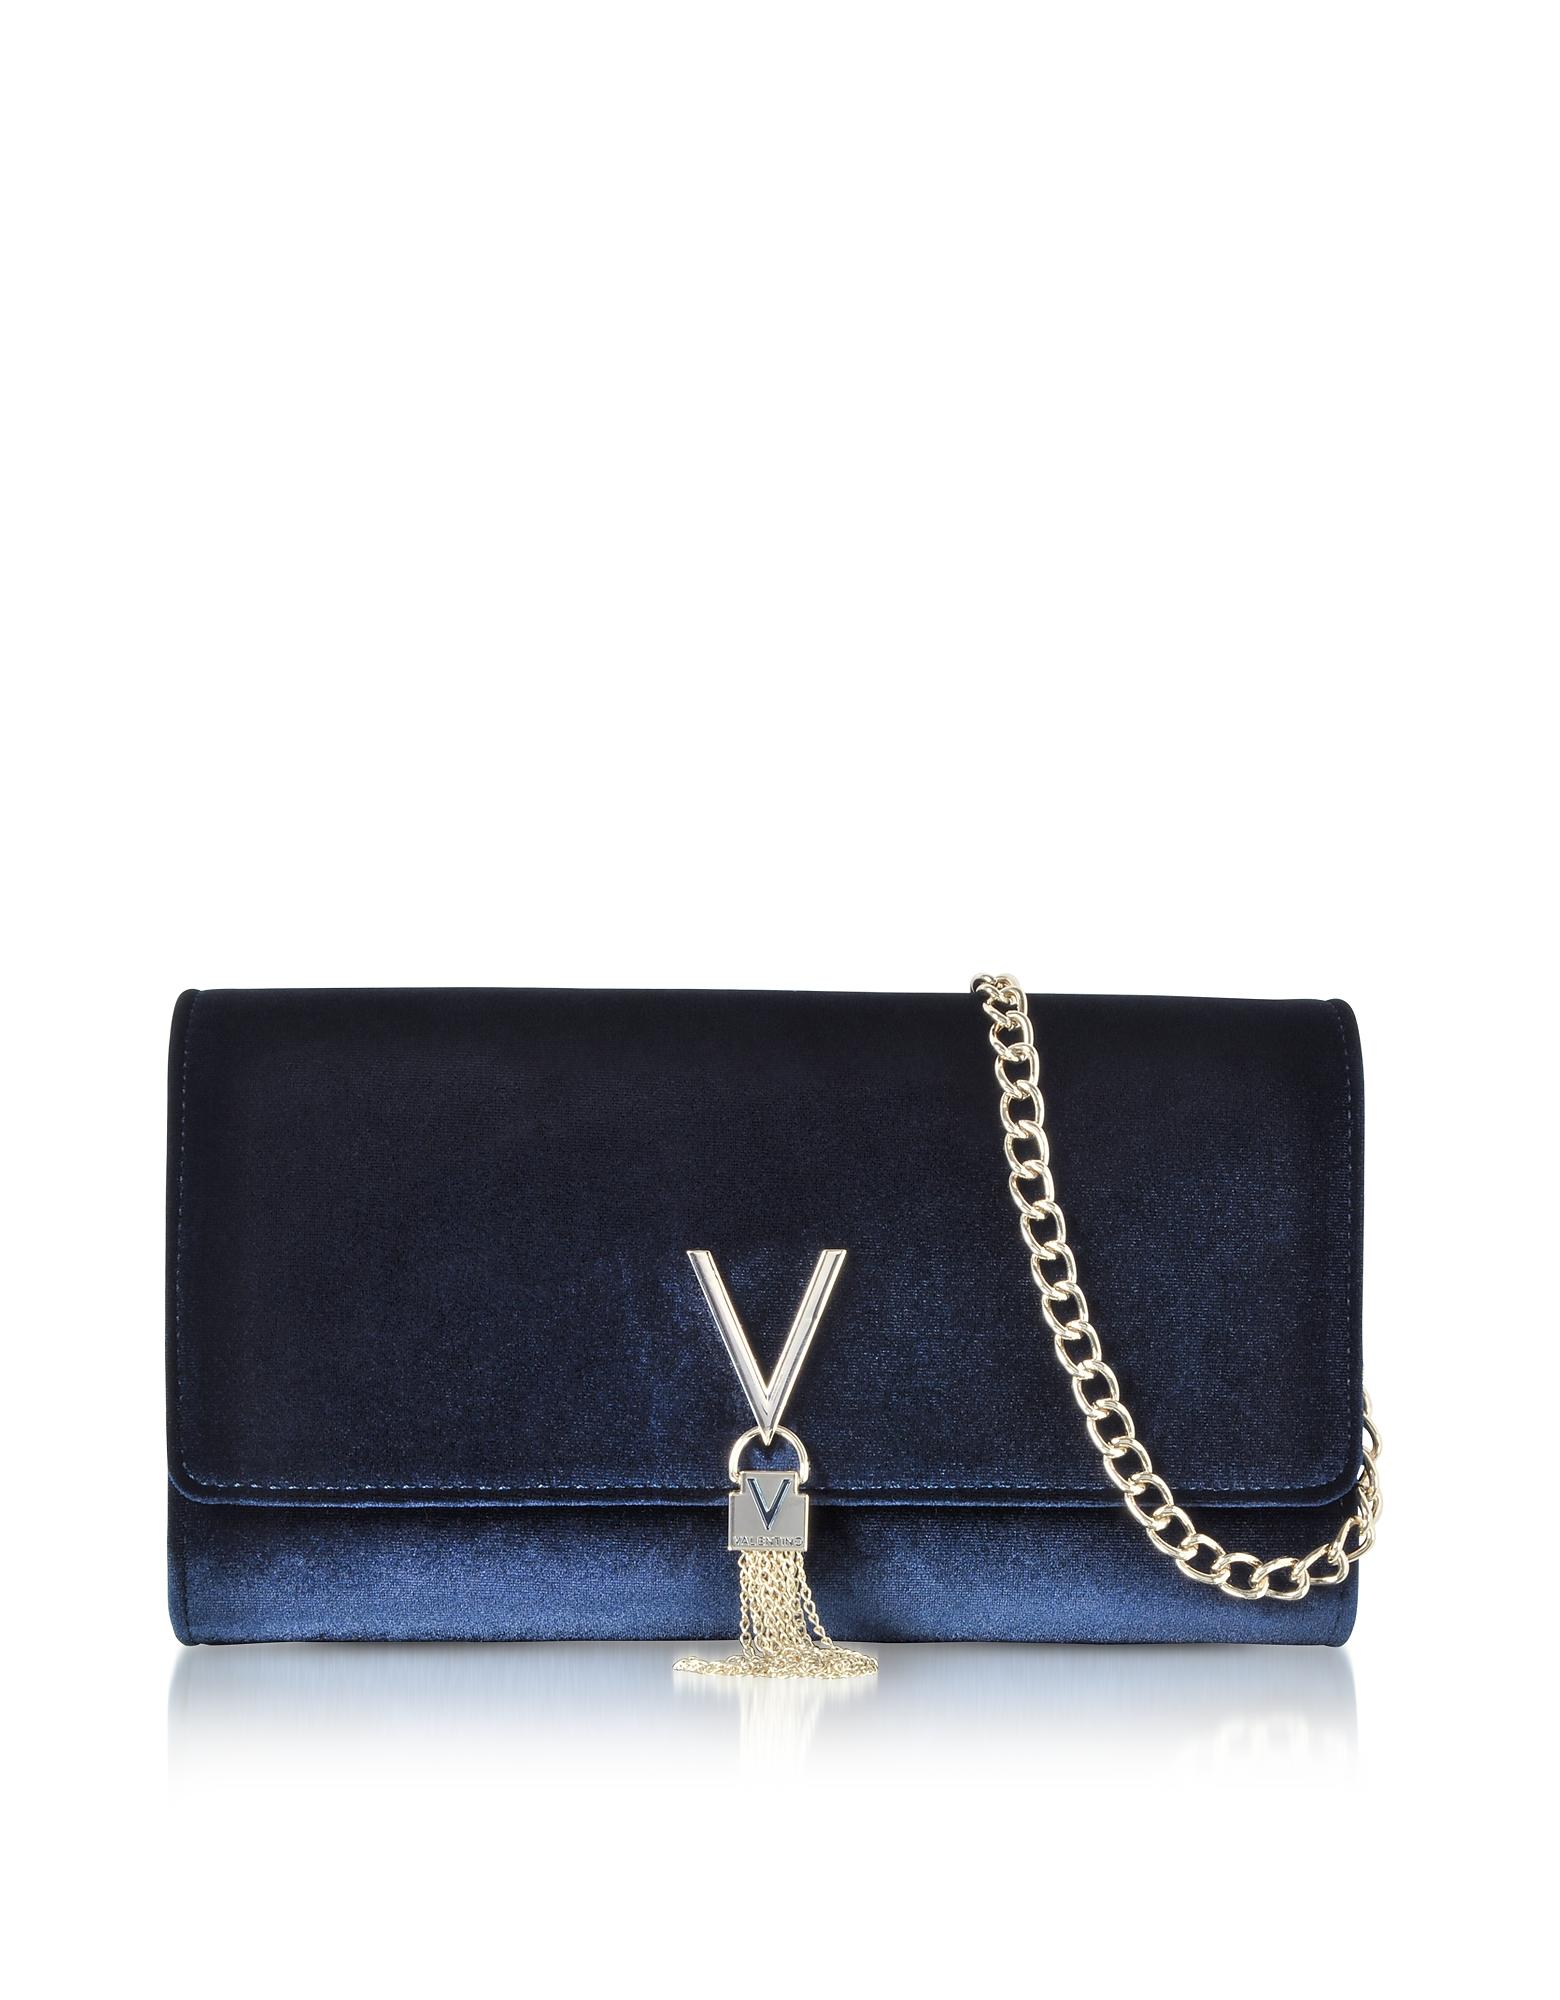 Valentino by Mario Valentino Handbags, Velvet Marilyn Shoulder Bag